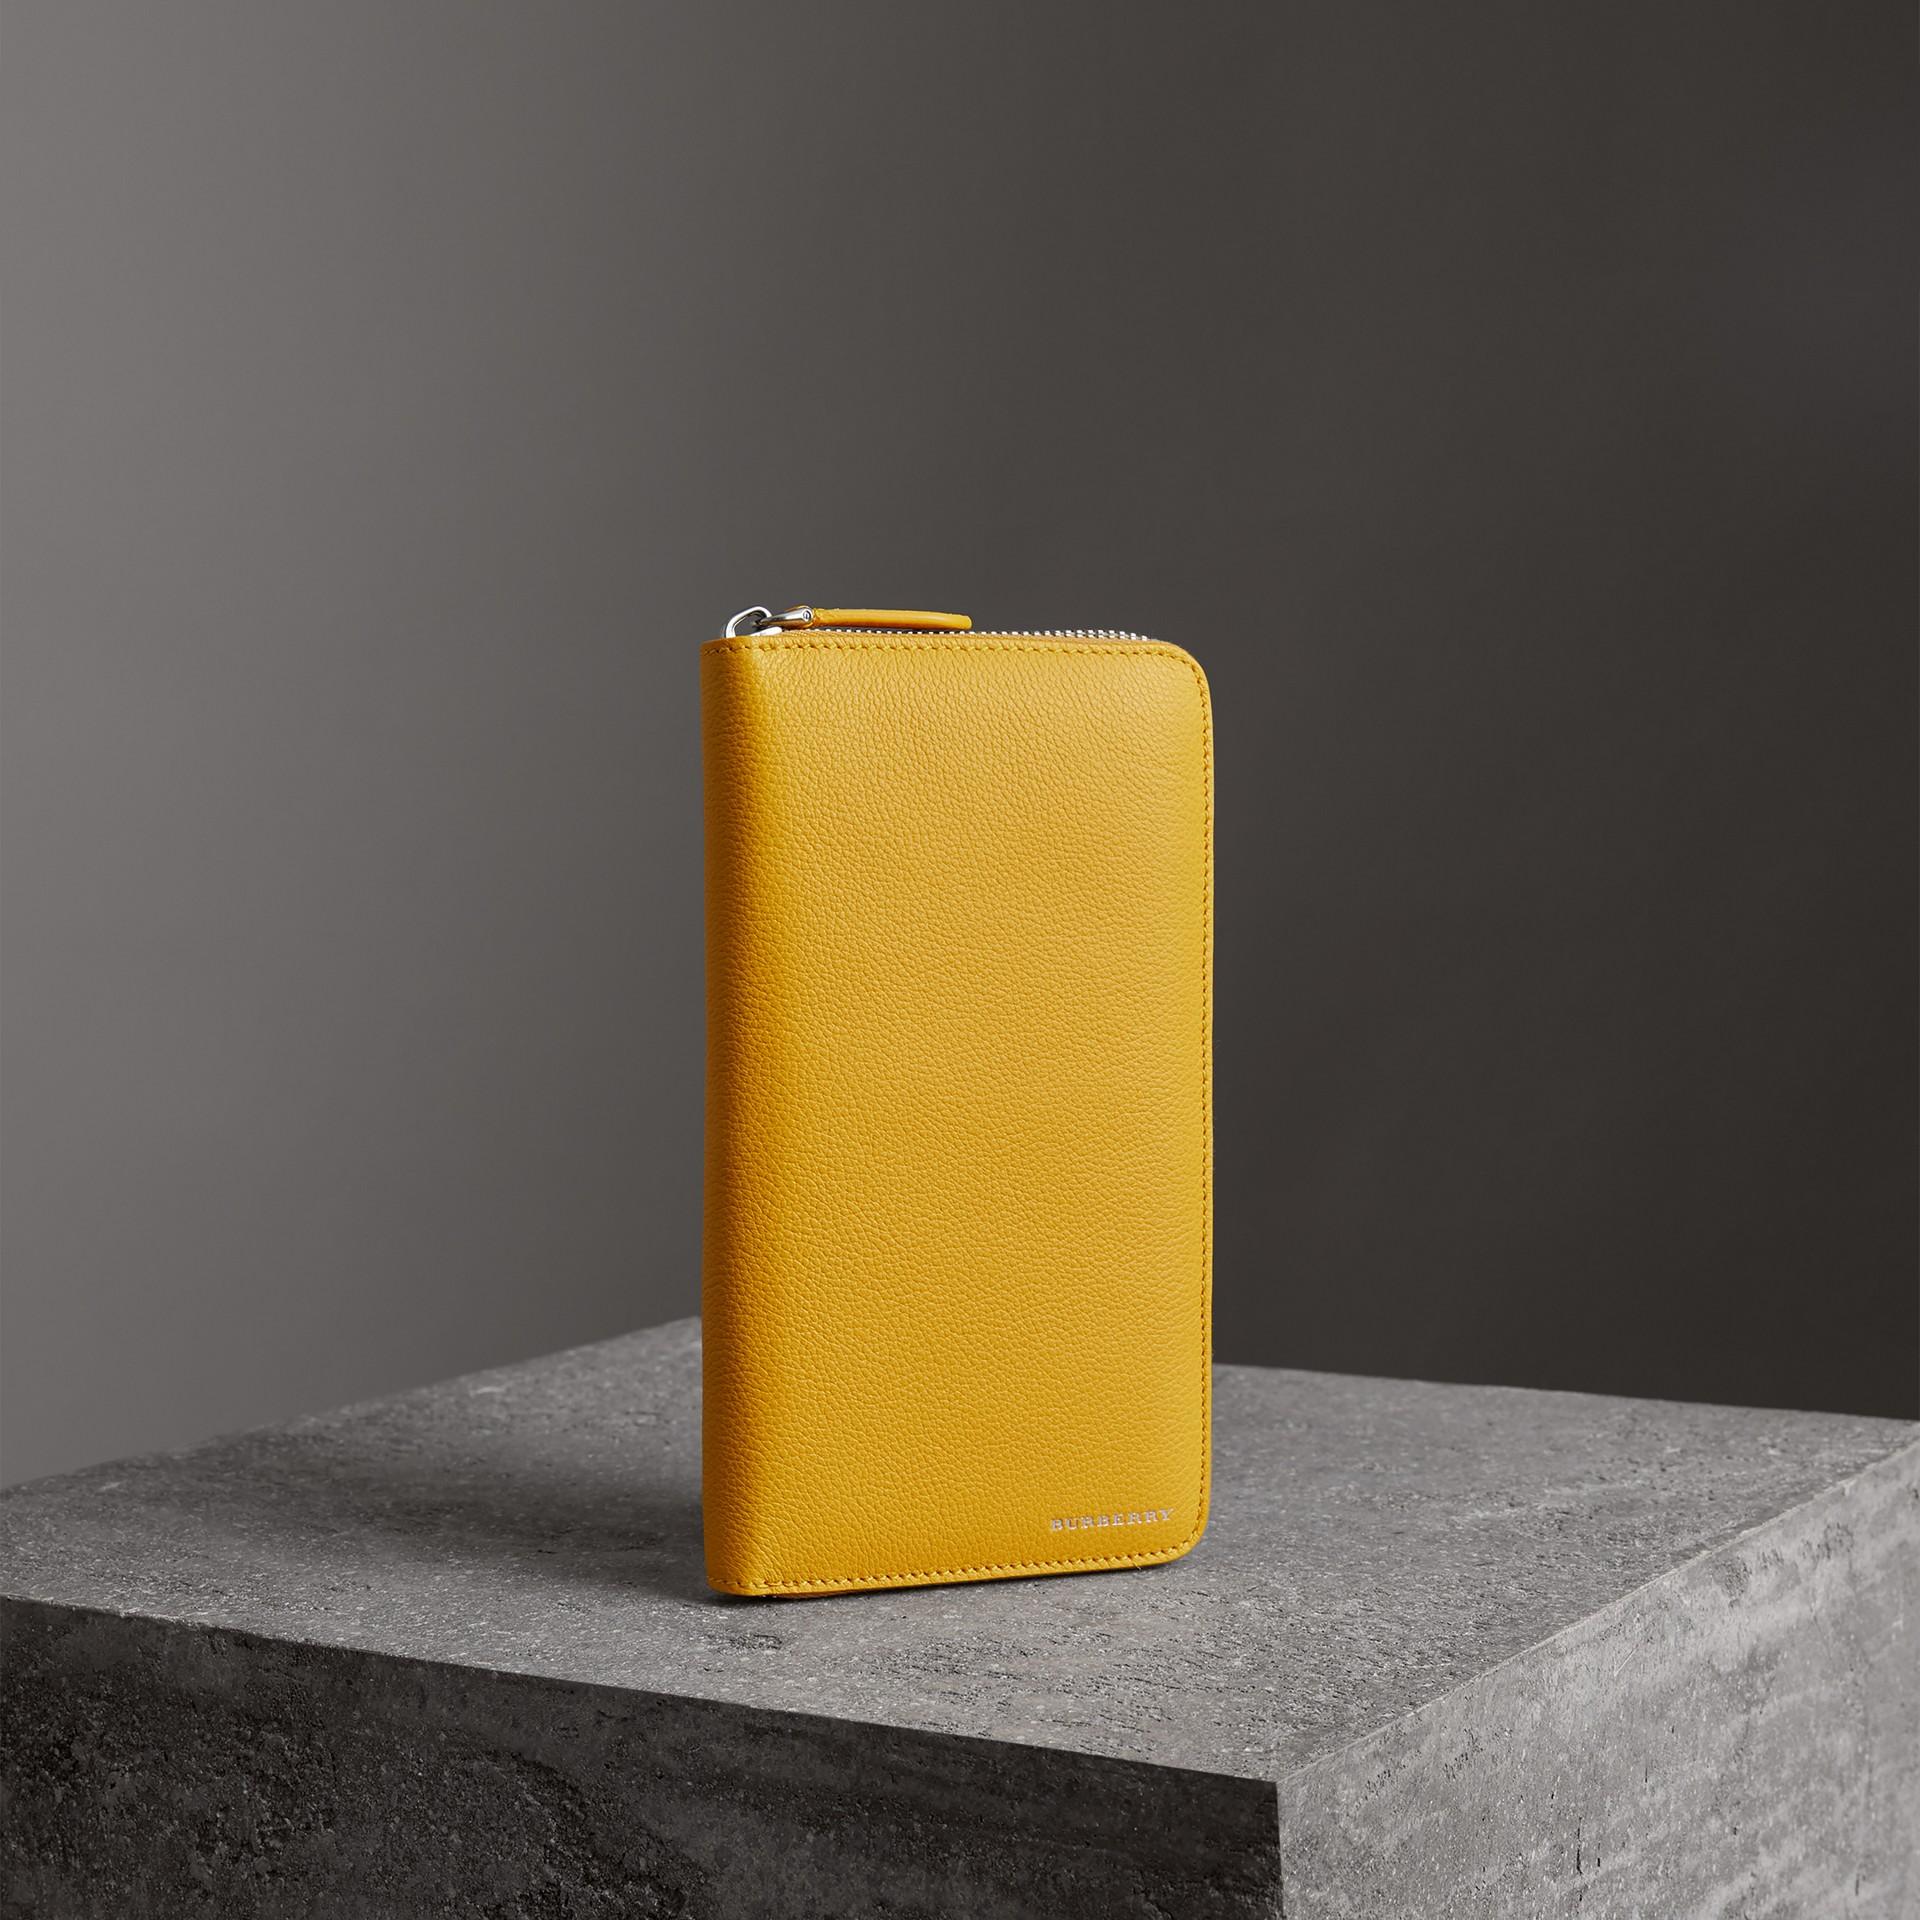 Бумажник из зернистой кожи с круговой застежкой-молнией (Ярко-желтая Охра) - Для мужчин | Burberry - изображение 0